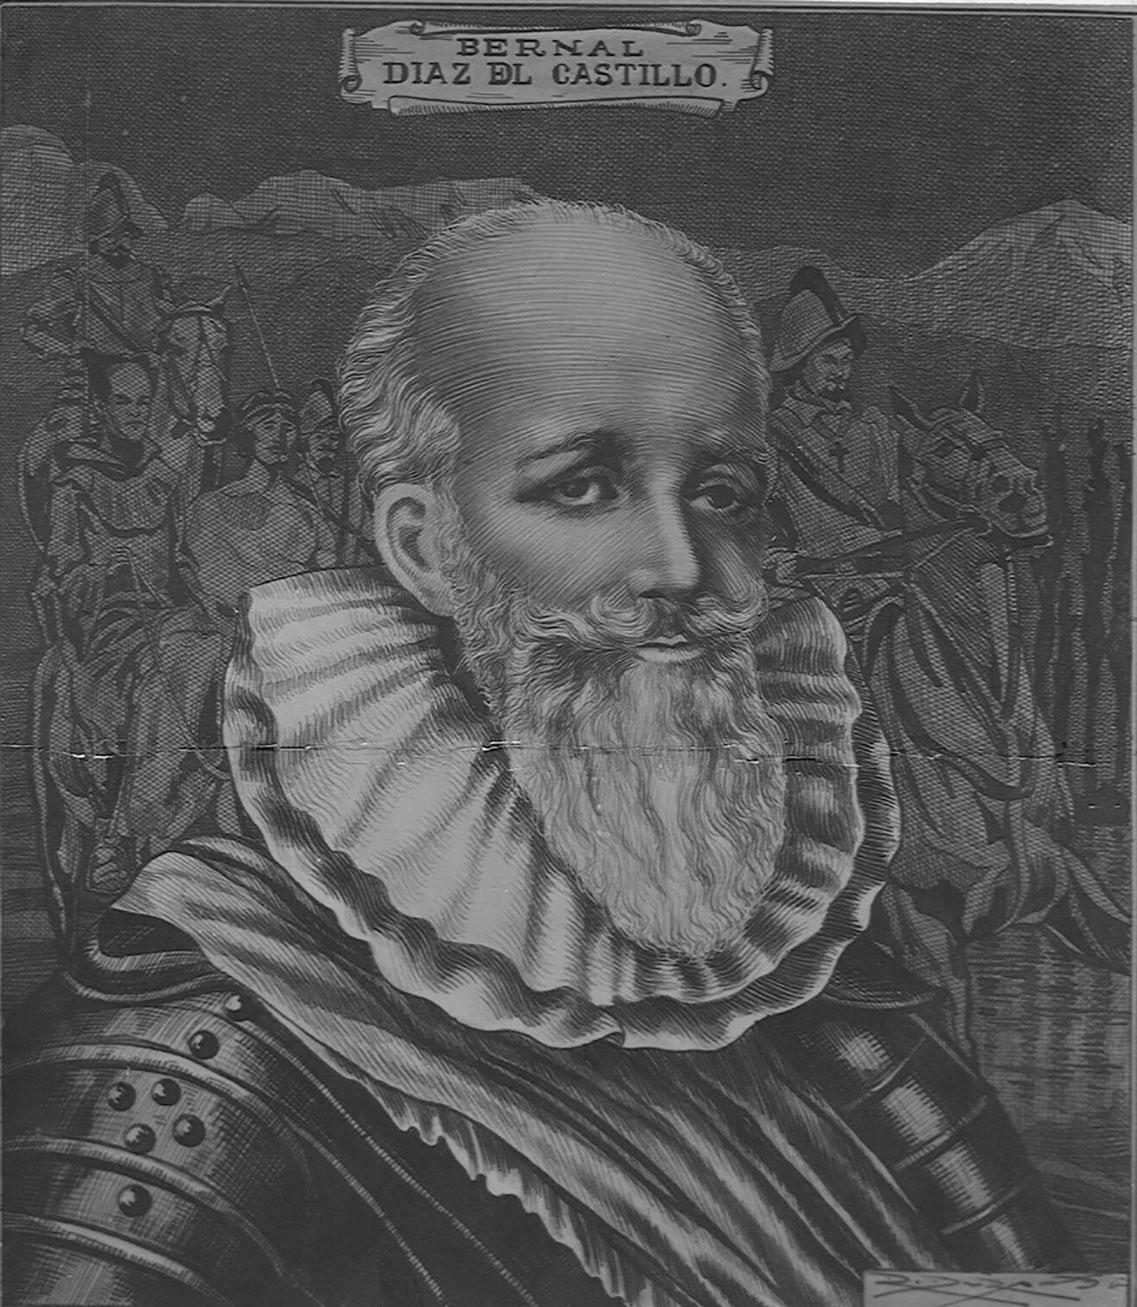 Publicación devela el aspecto letrado de Bernal Díaz del Castillo